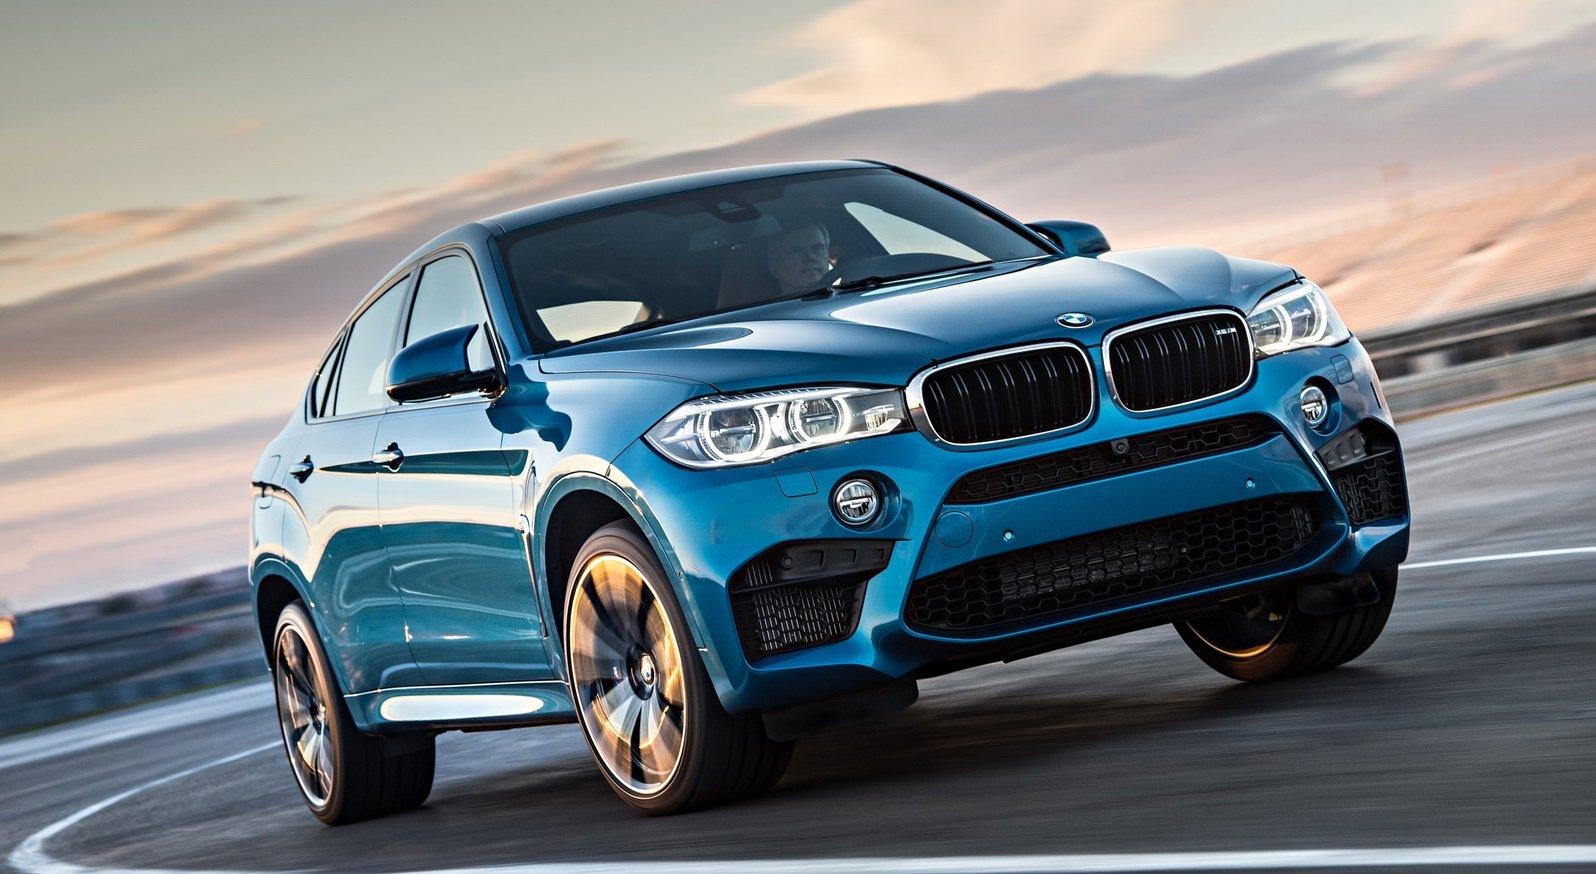 2015 BMW X6 M, �������� �������� ���������� [148 ����]